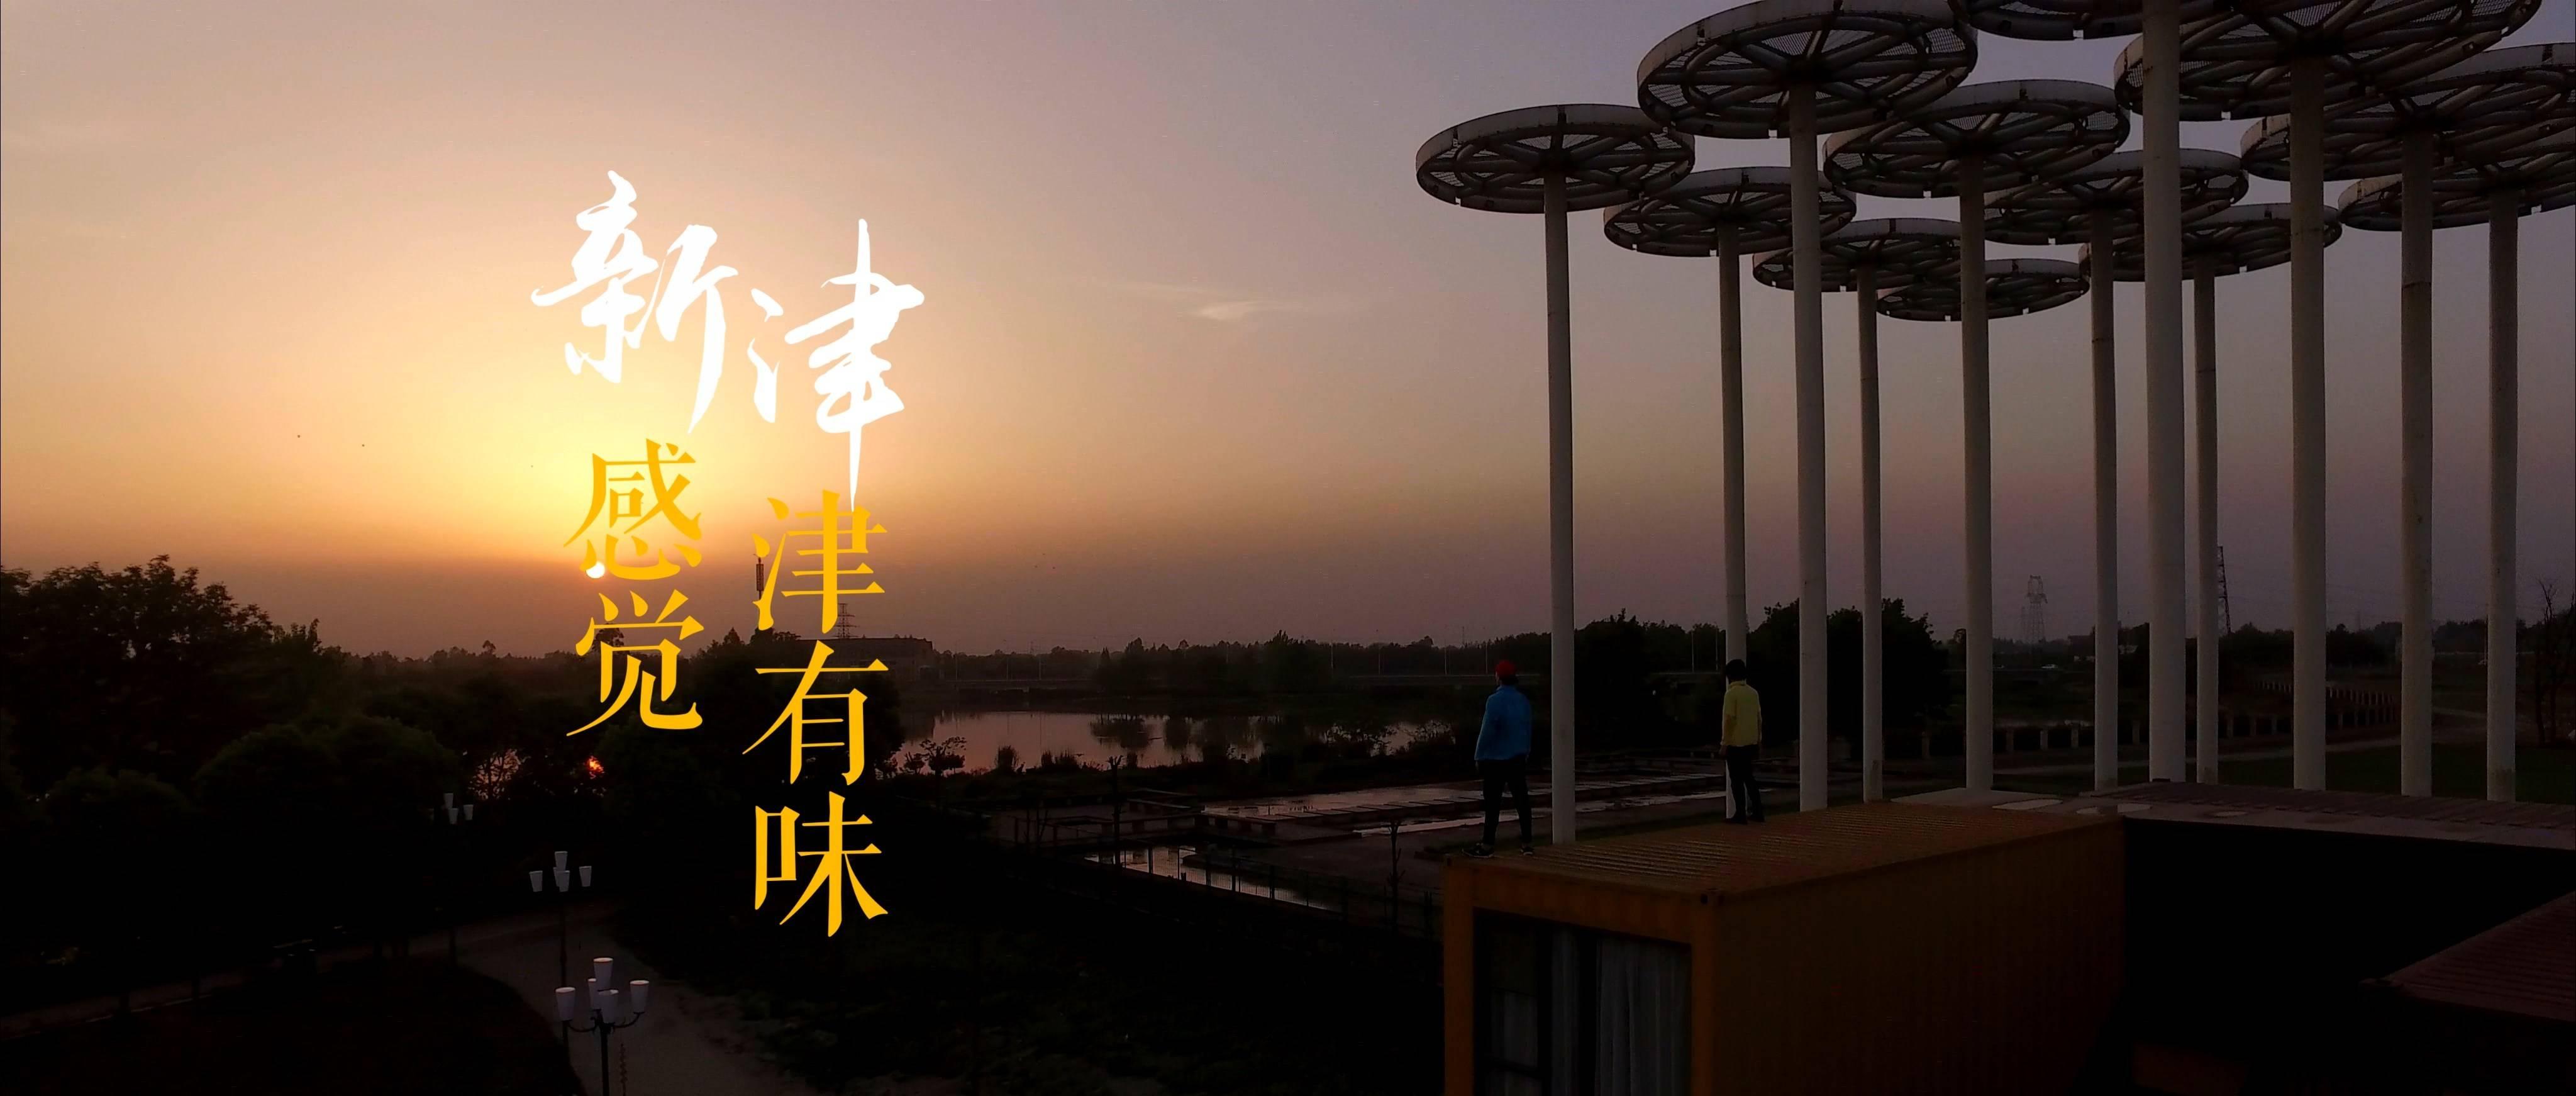 《新感觉·津津有味》新津宣传片